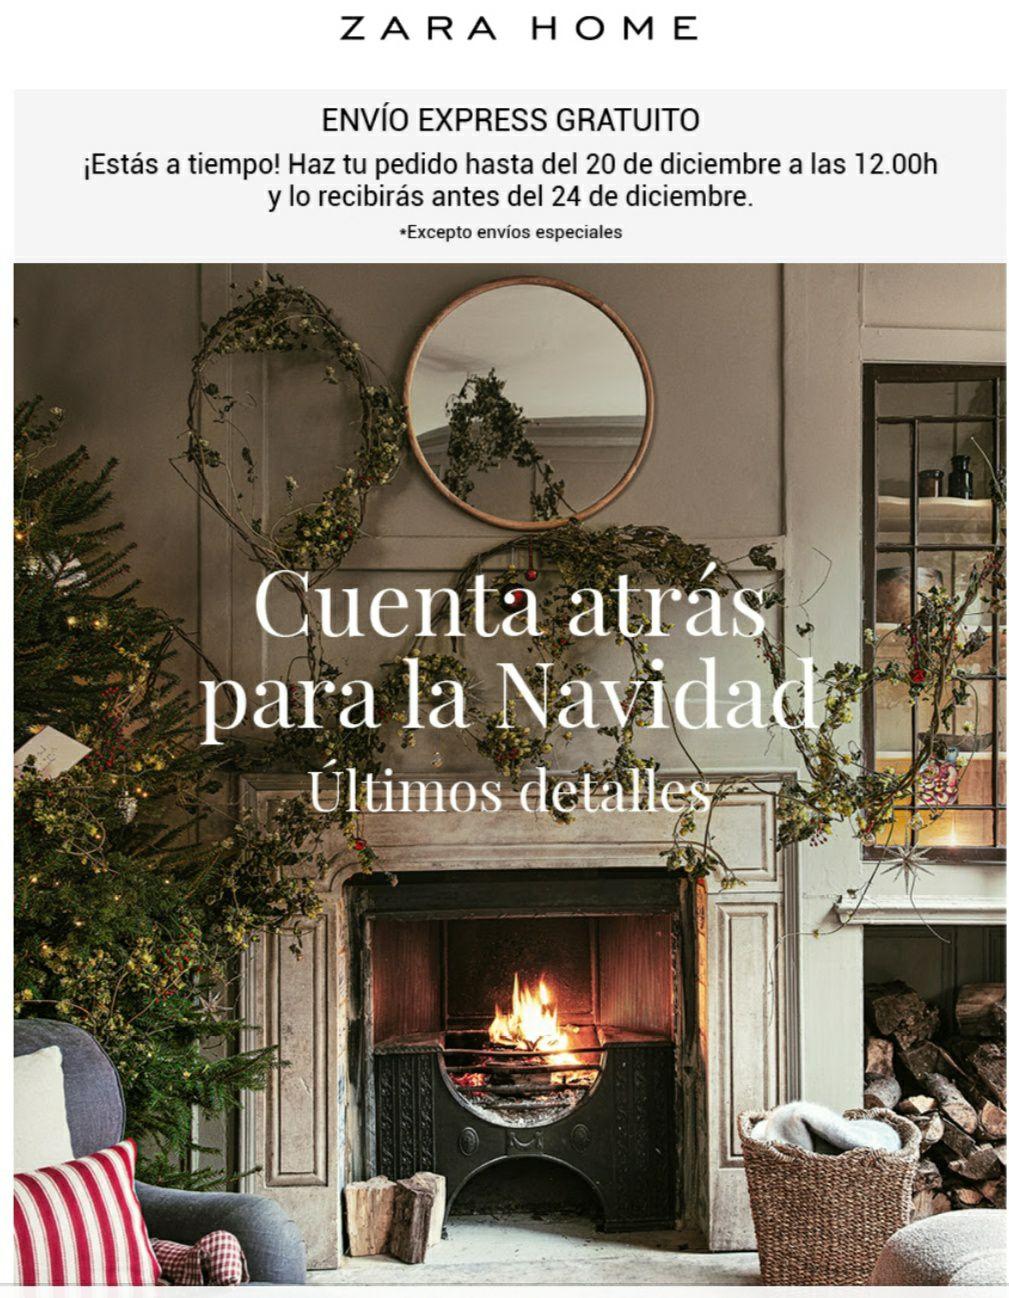 Envío express gratis en Zara Home hasta el 20 de diciembre